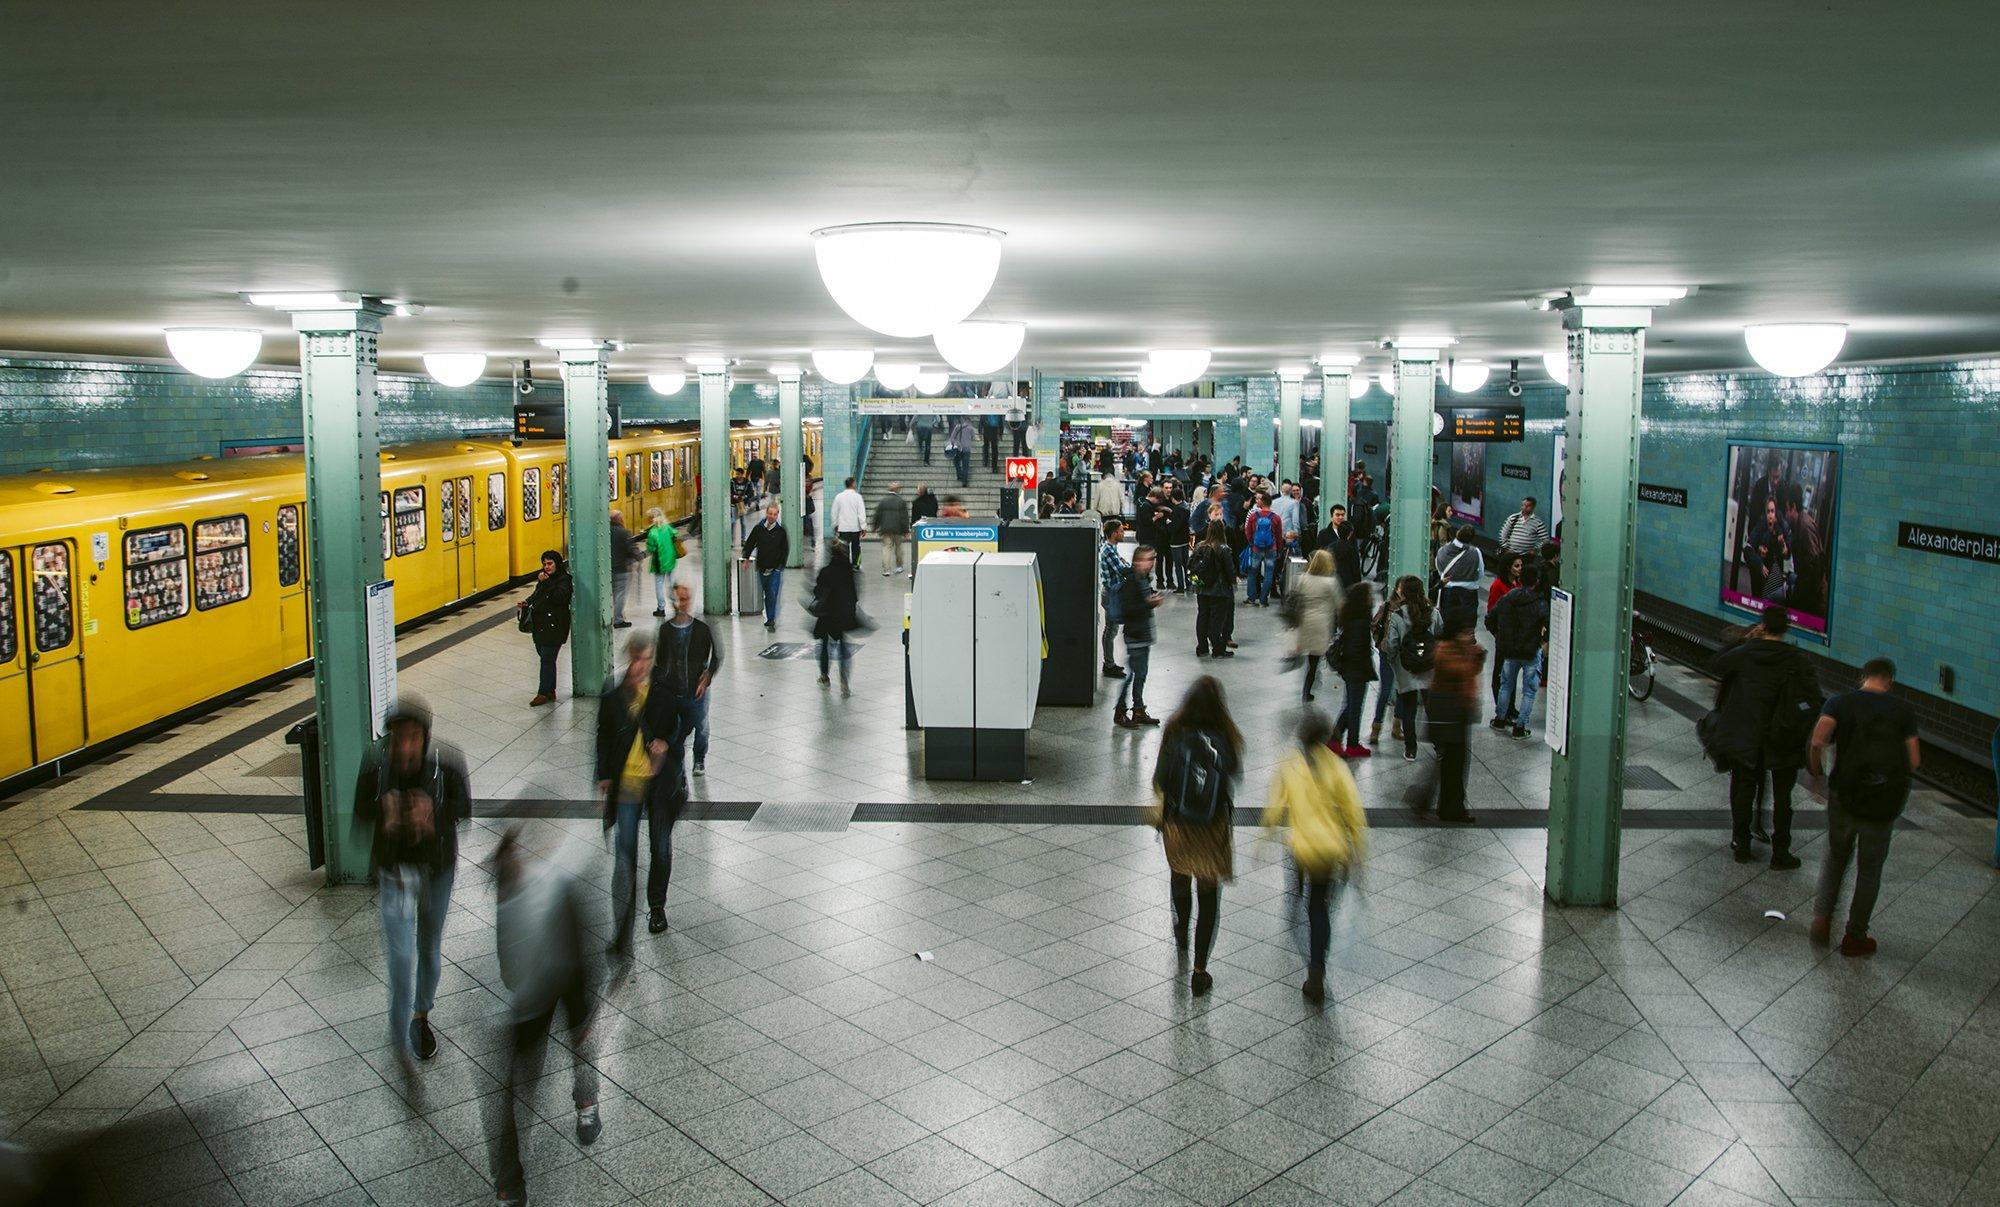 Höchstgrenze bei Entfernungspauschale: Foto einer U-Bahn-Station